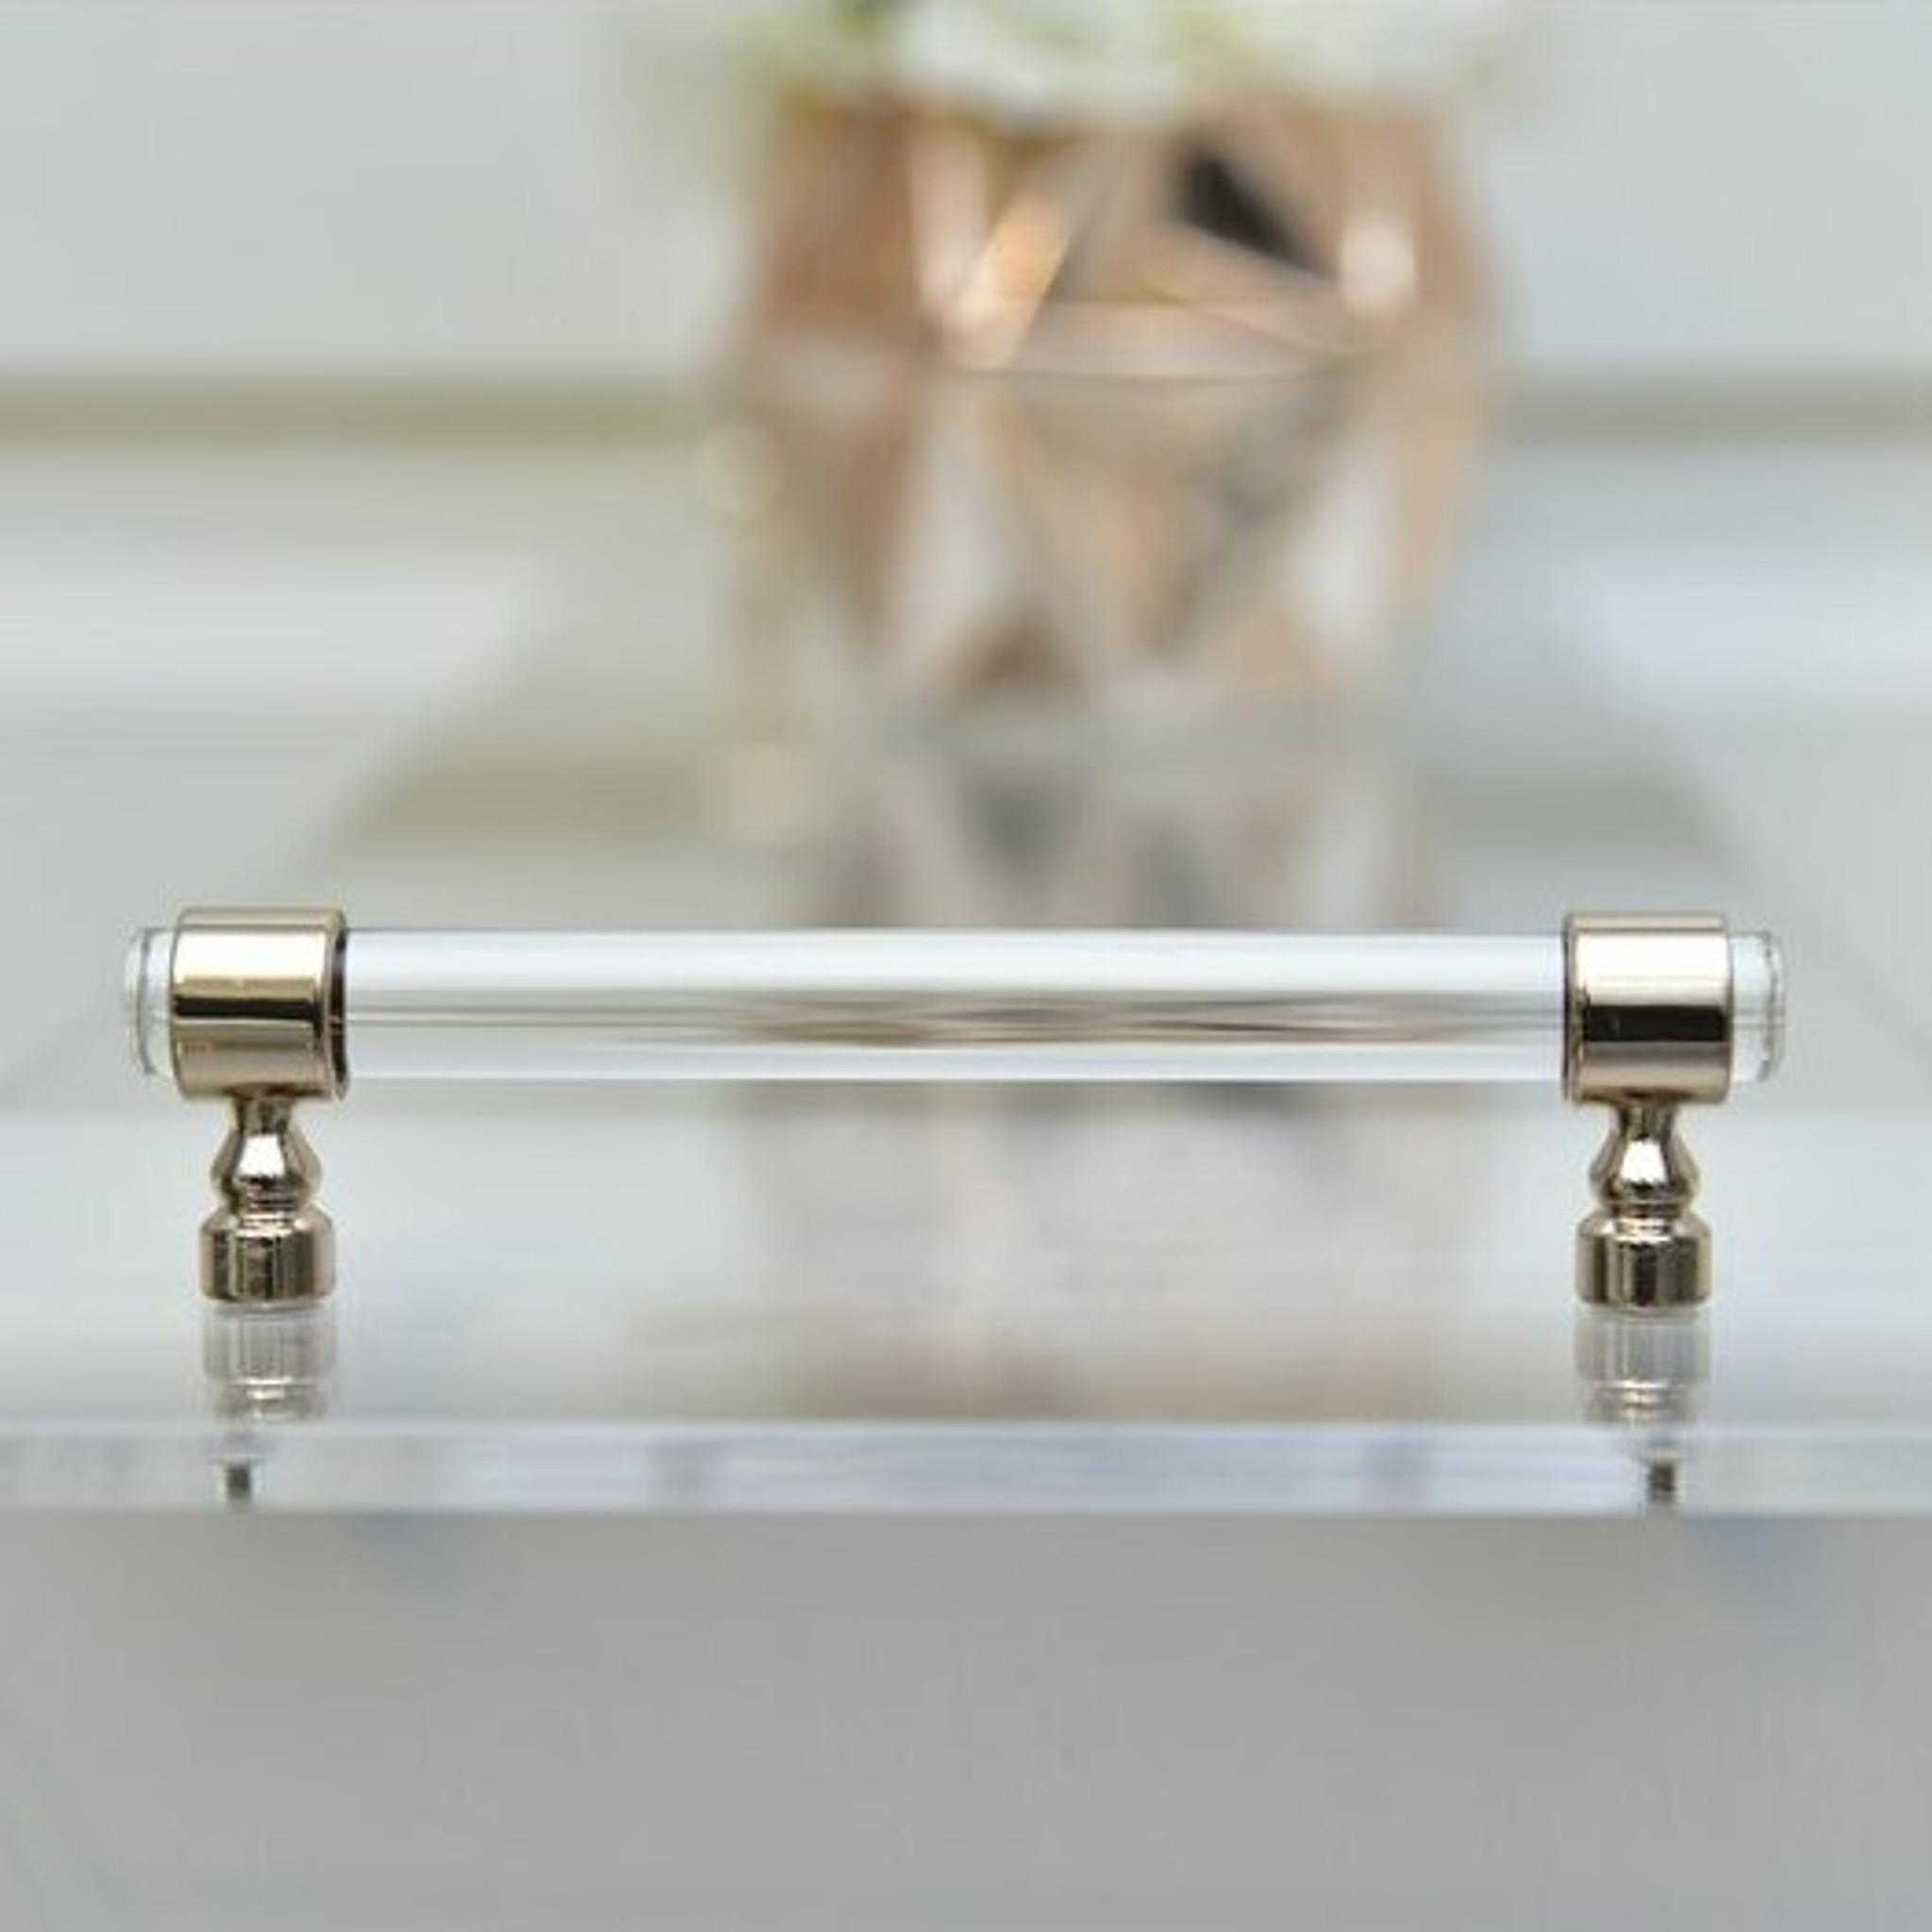 clear lucite acrylic modern bathtub caddy shelf handles